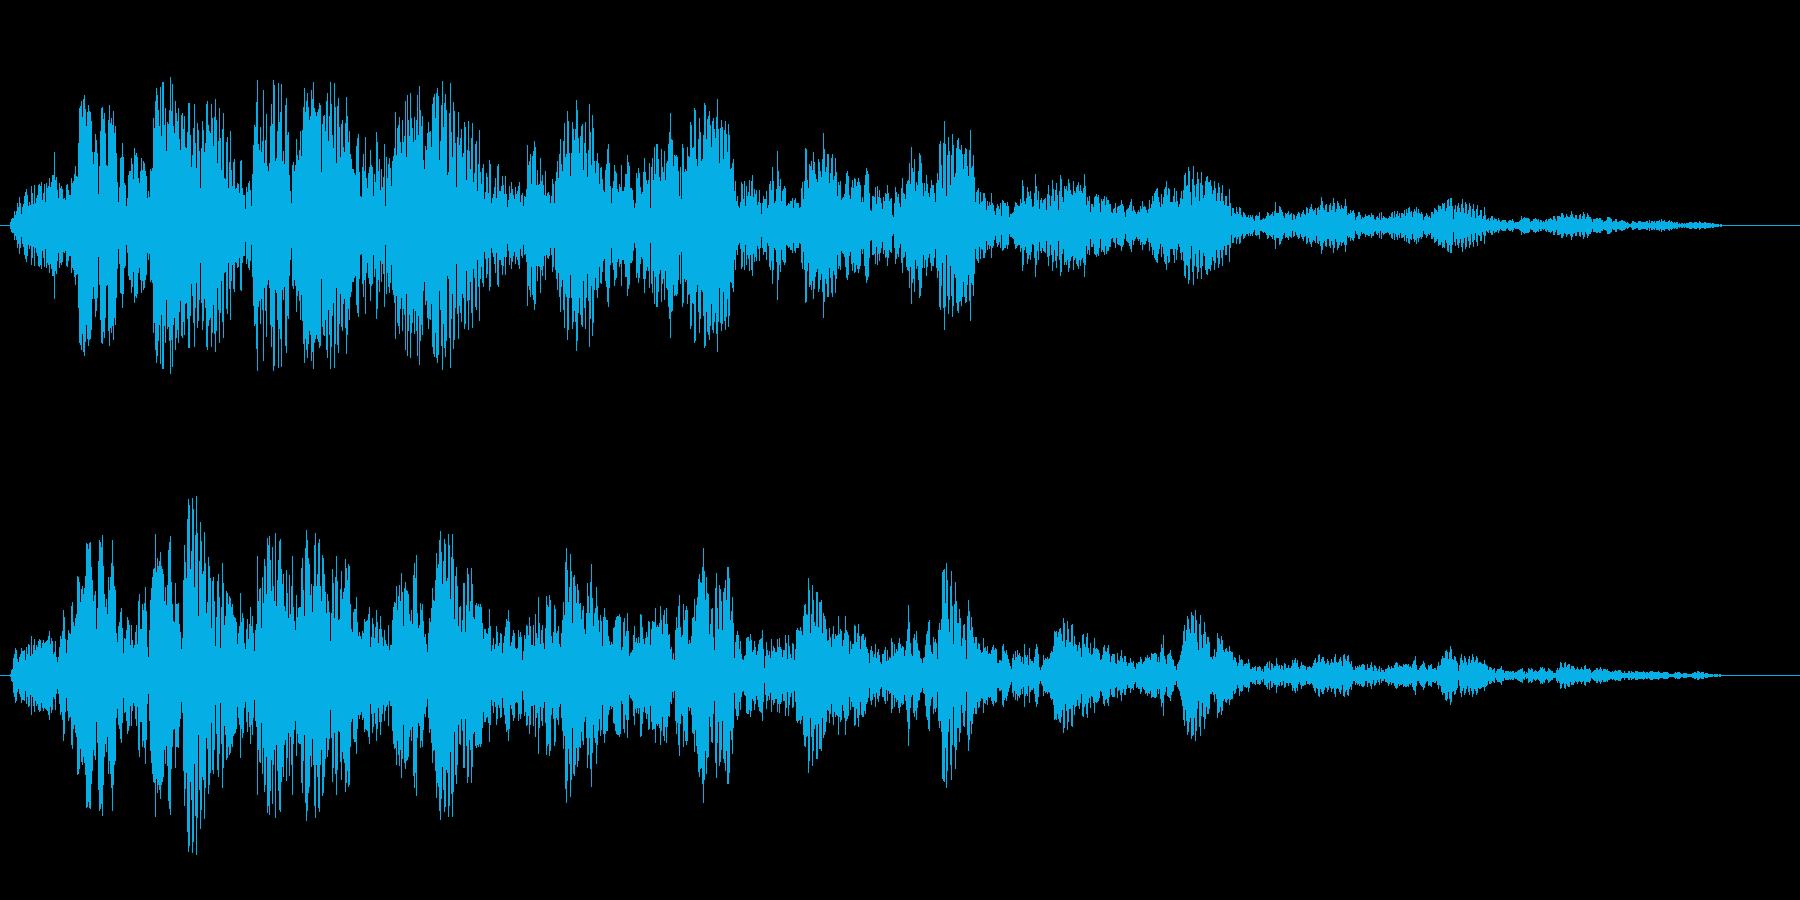 高音のトリルが響きわたる効果音の再生済みの波形